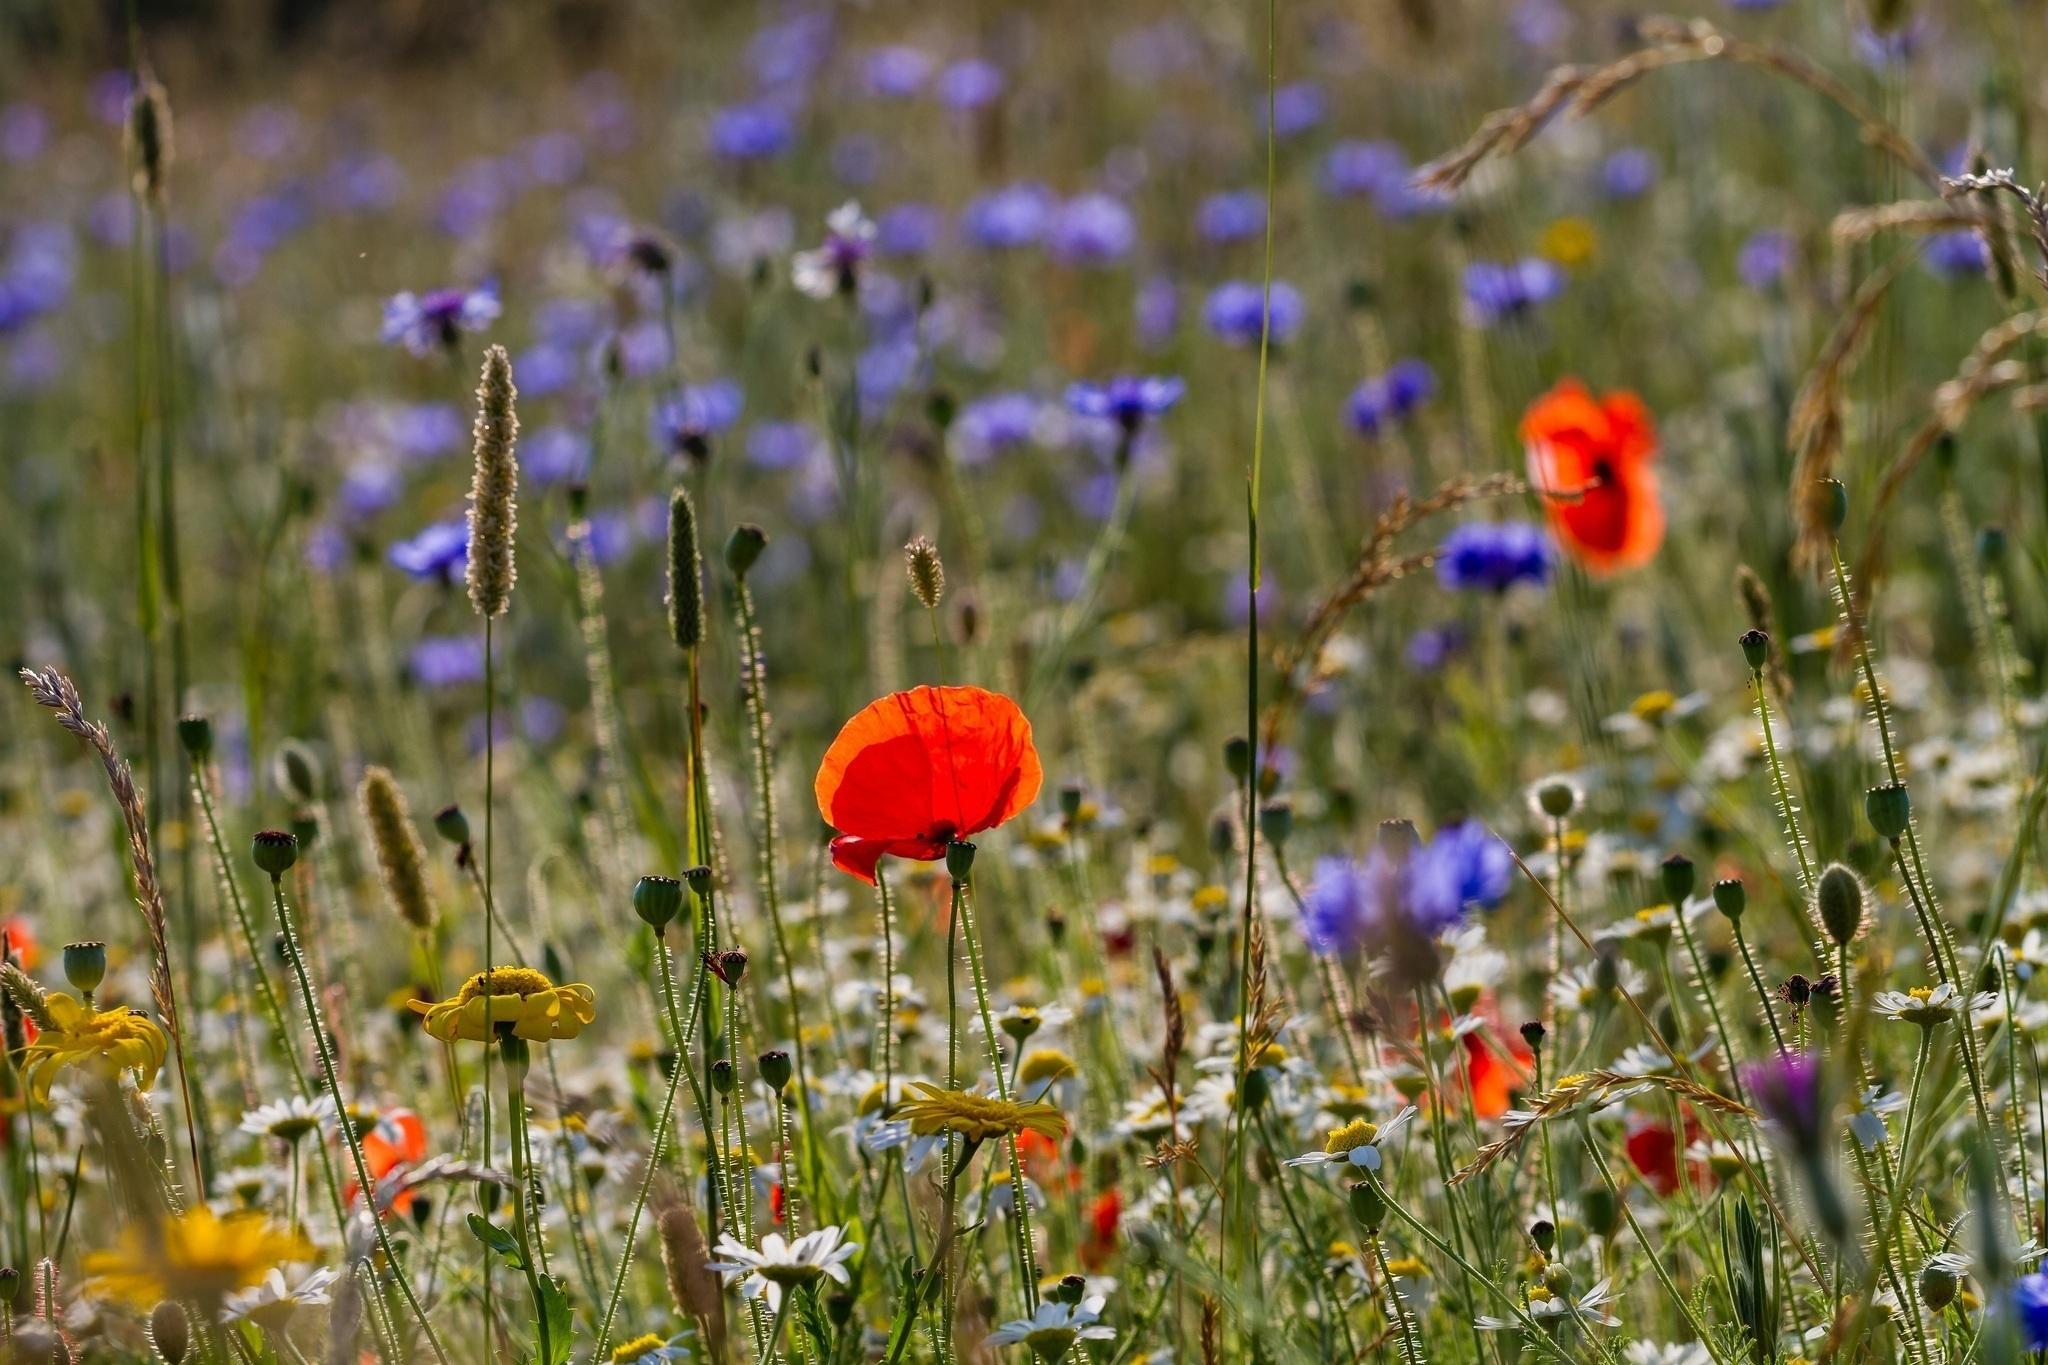 красные цветы трава ромашки природа  № 3836432 загрузить